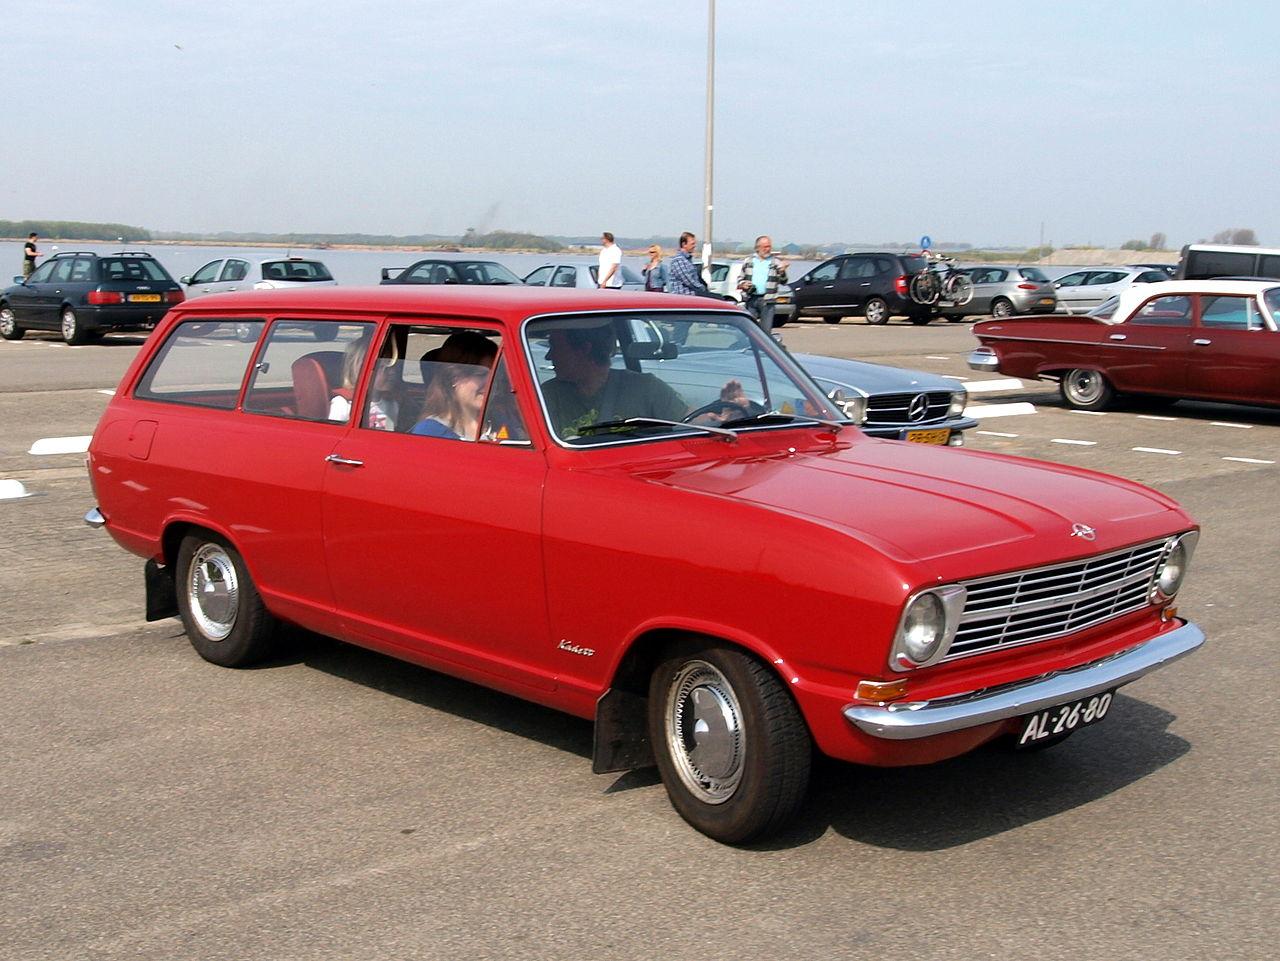 File:Opel Kadett Caravan (1967), Dutch licence ...